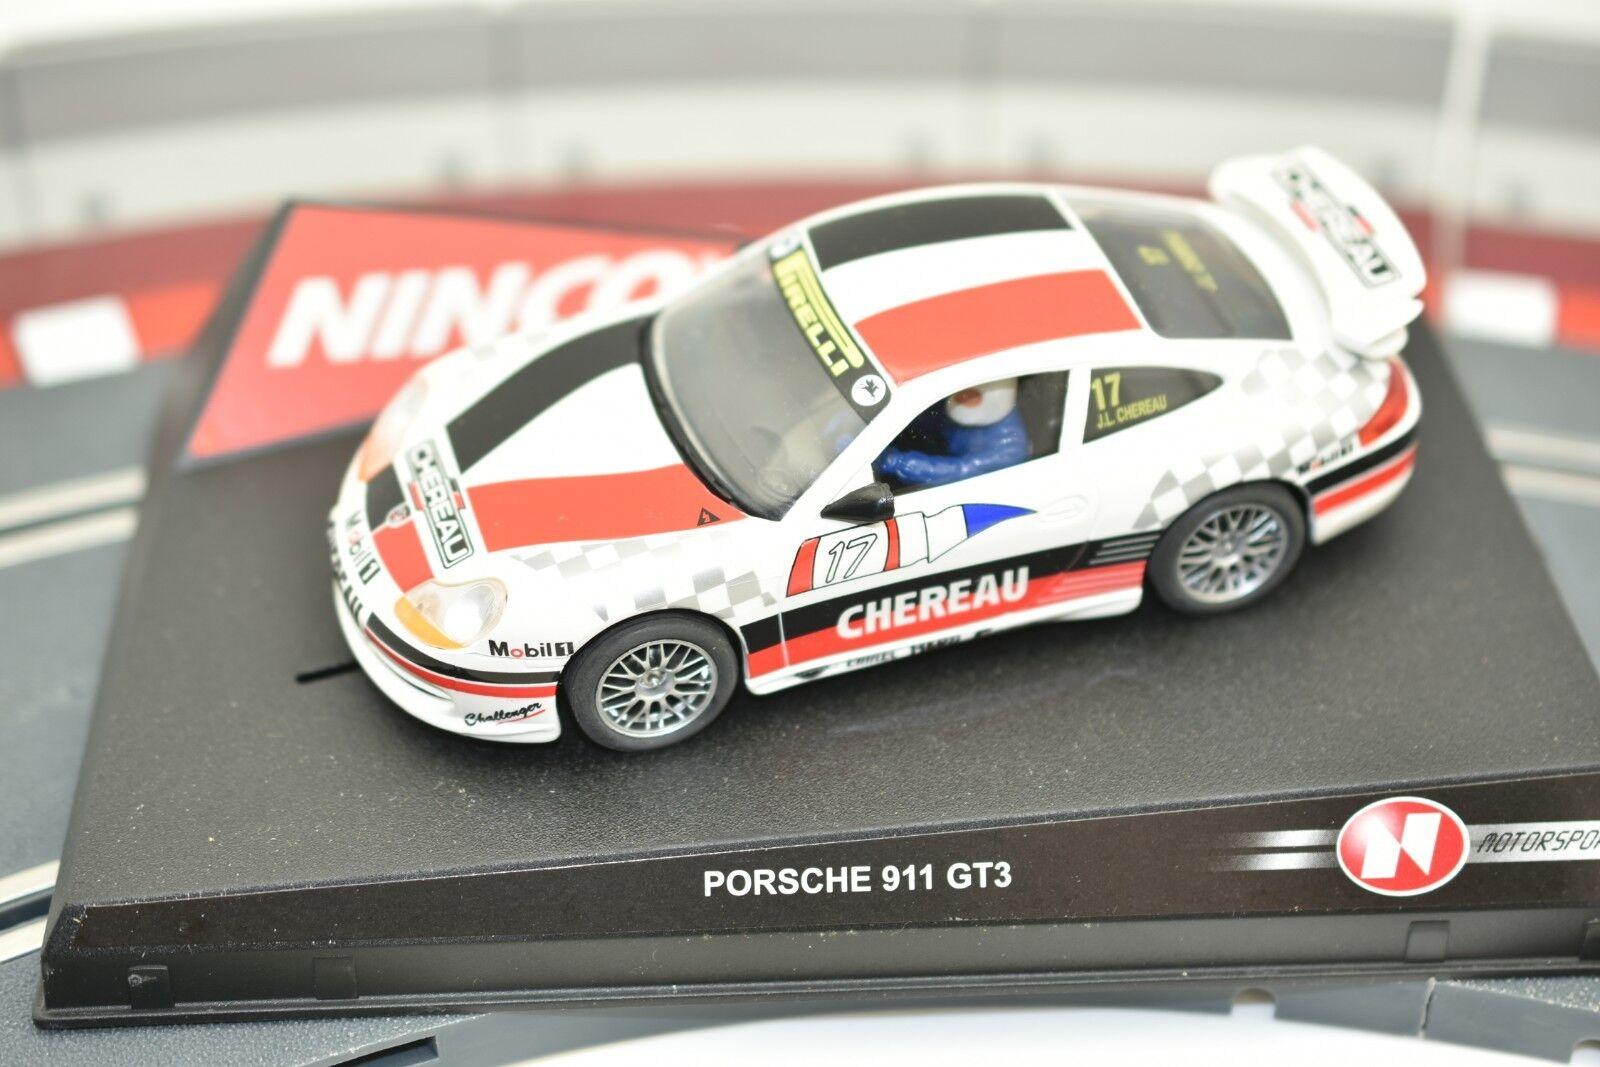 50227 NINCO 1 32 SLOT CAR PORSCHE 911 GT3  CHEREAU